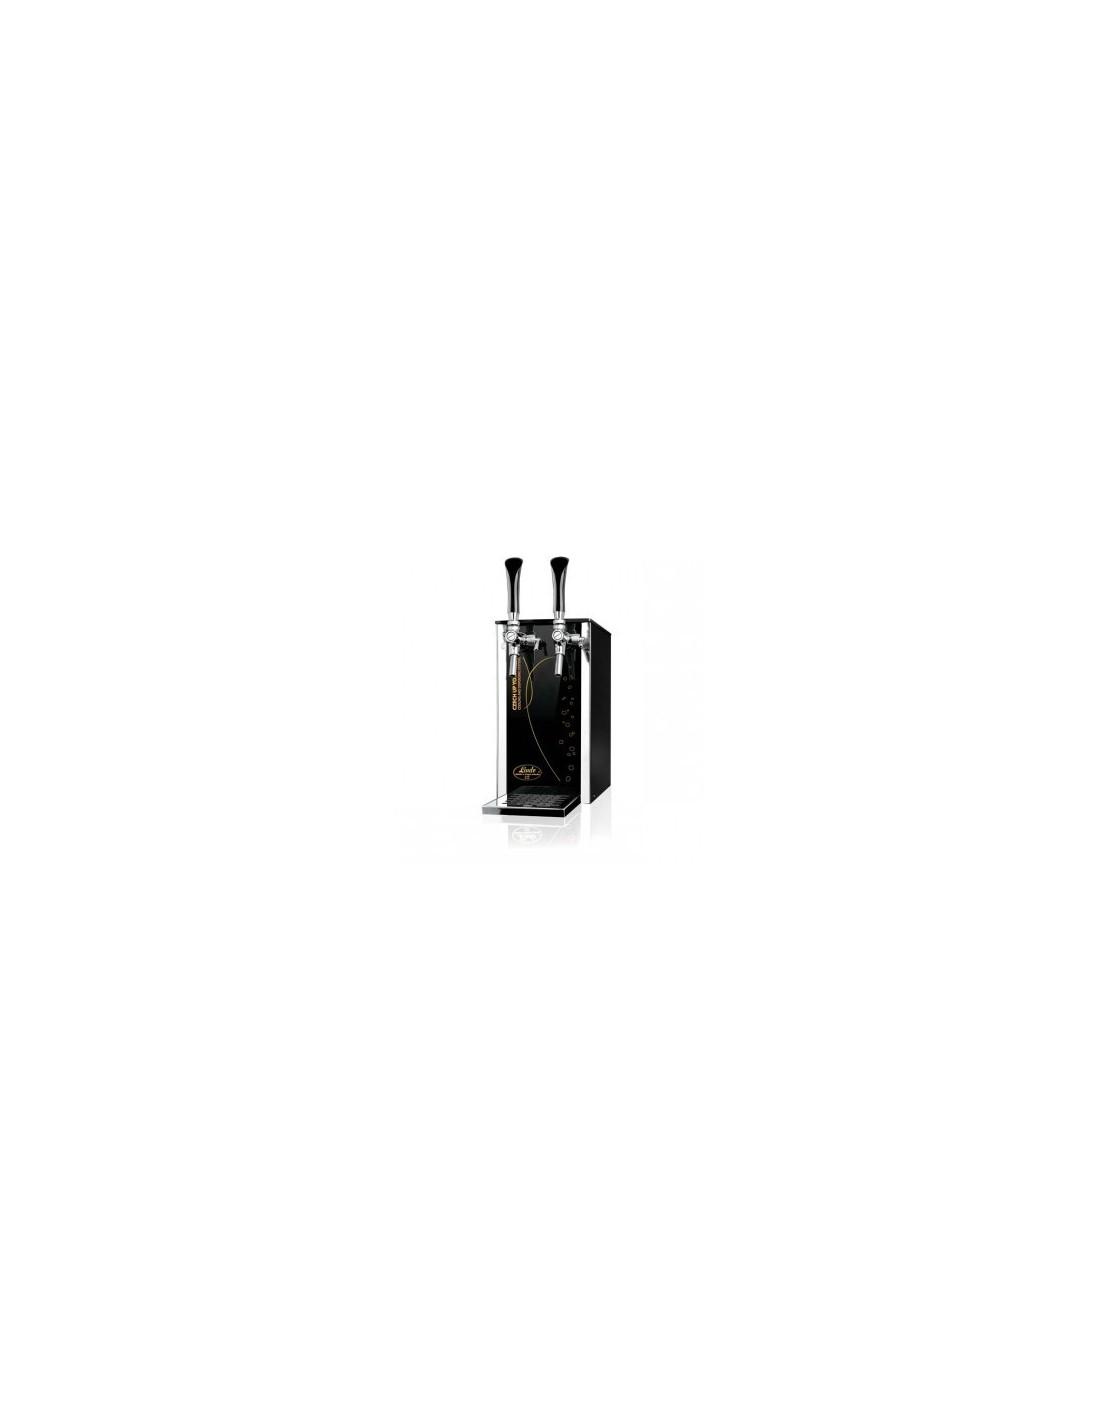 """LCH02141 - Luftkylda vinkylare - Vinkylare Lindr Pygmy 25/K """"Exclusive"""" 2 kranar"""